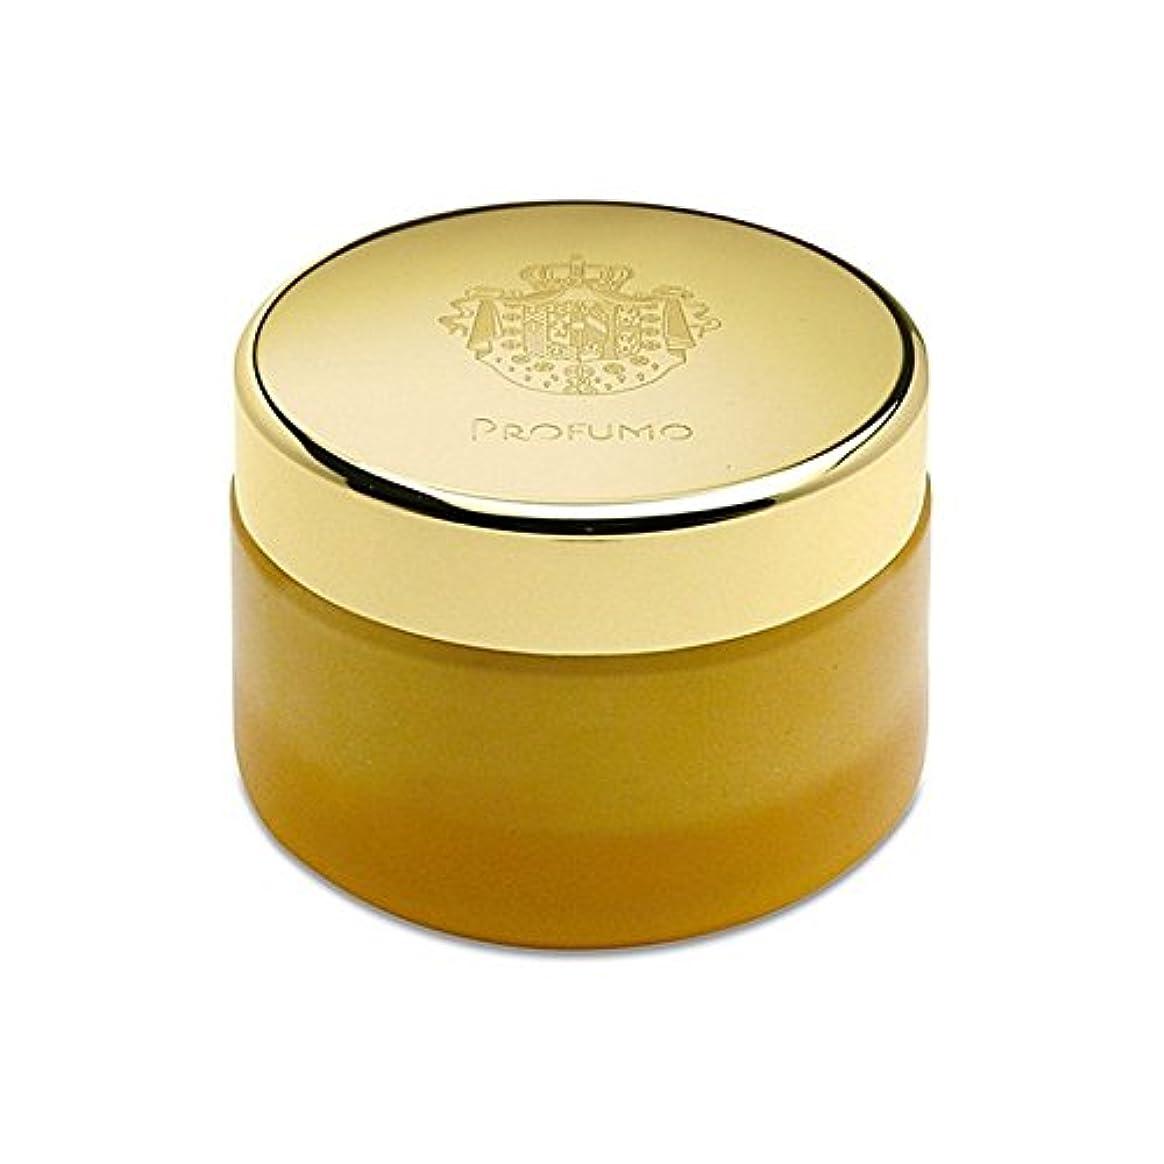 タイル城先アクアディパルマボディクリーム200ミリリットル x4 - Acqua Di Parma Profumo Body Cream 200ml (Pack of 4) [並行輸入品]